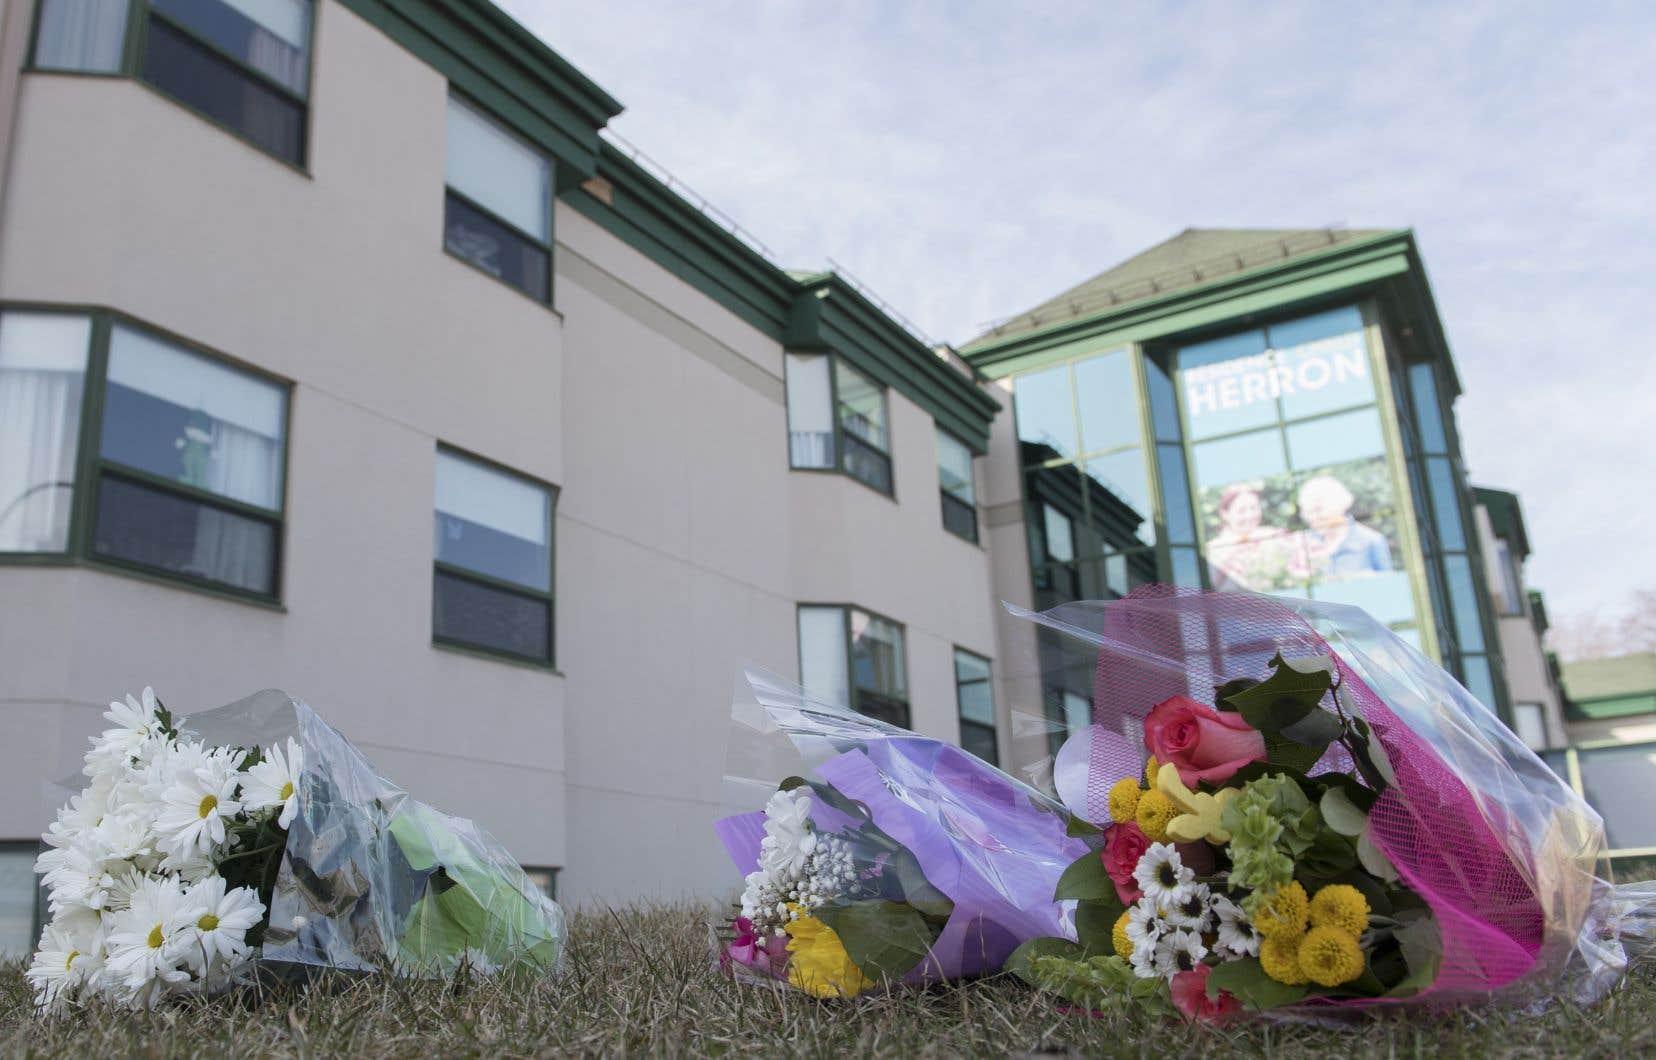 Depuis le 13mars, 31 des 150 résidents de ce CHSLD privé non conventionné sont décédés.